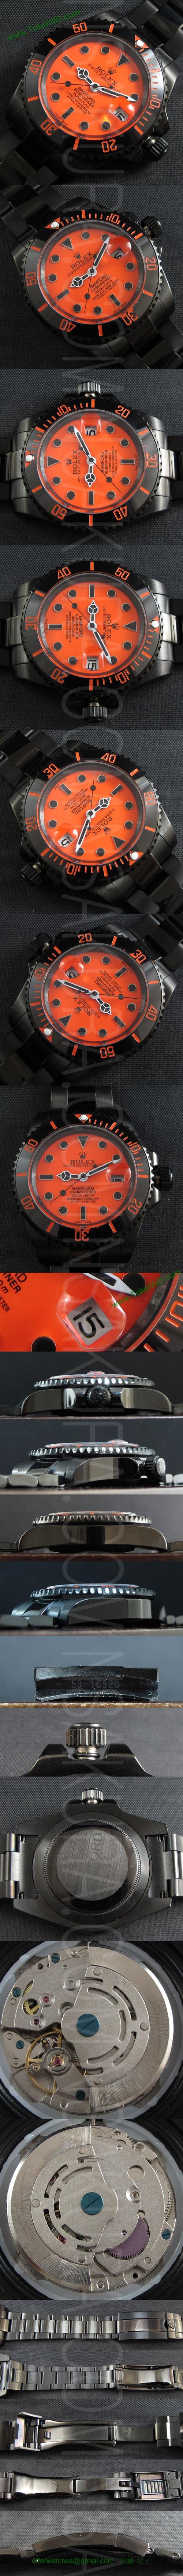 ロレックス 2015JFS84LZDS コピー 時計